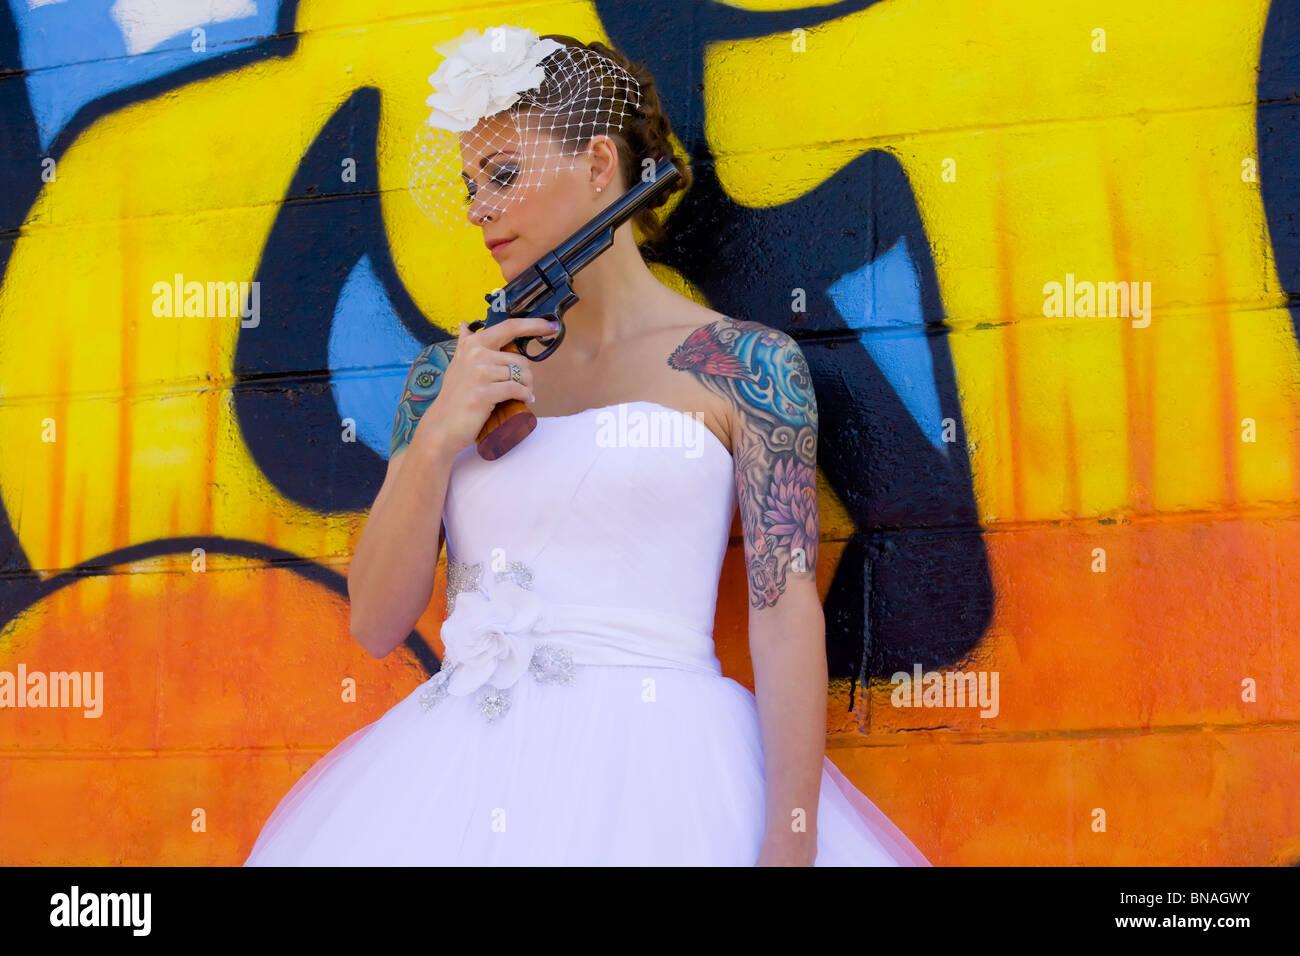 Tatuato sposa contro lo sfondo di graffiti con pistola a mano Immagini Stock